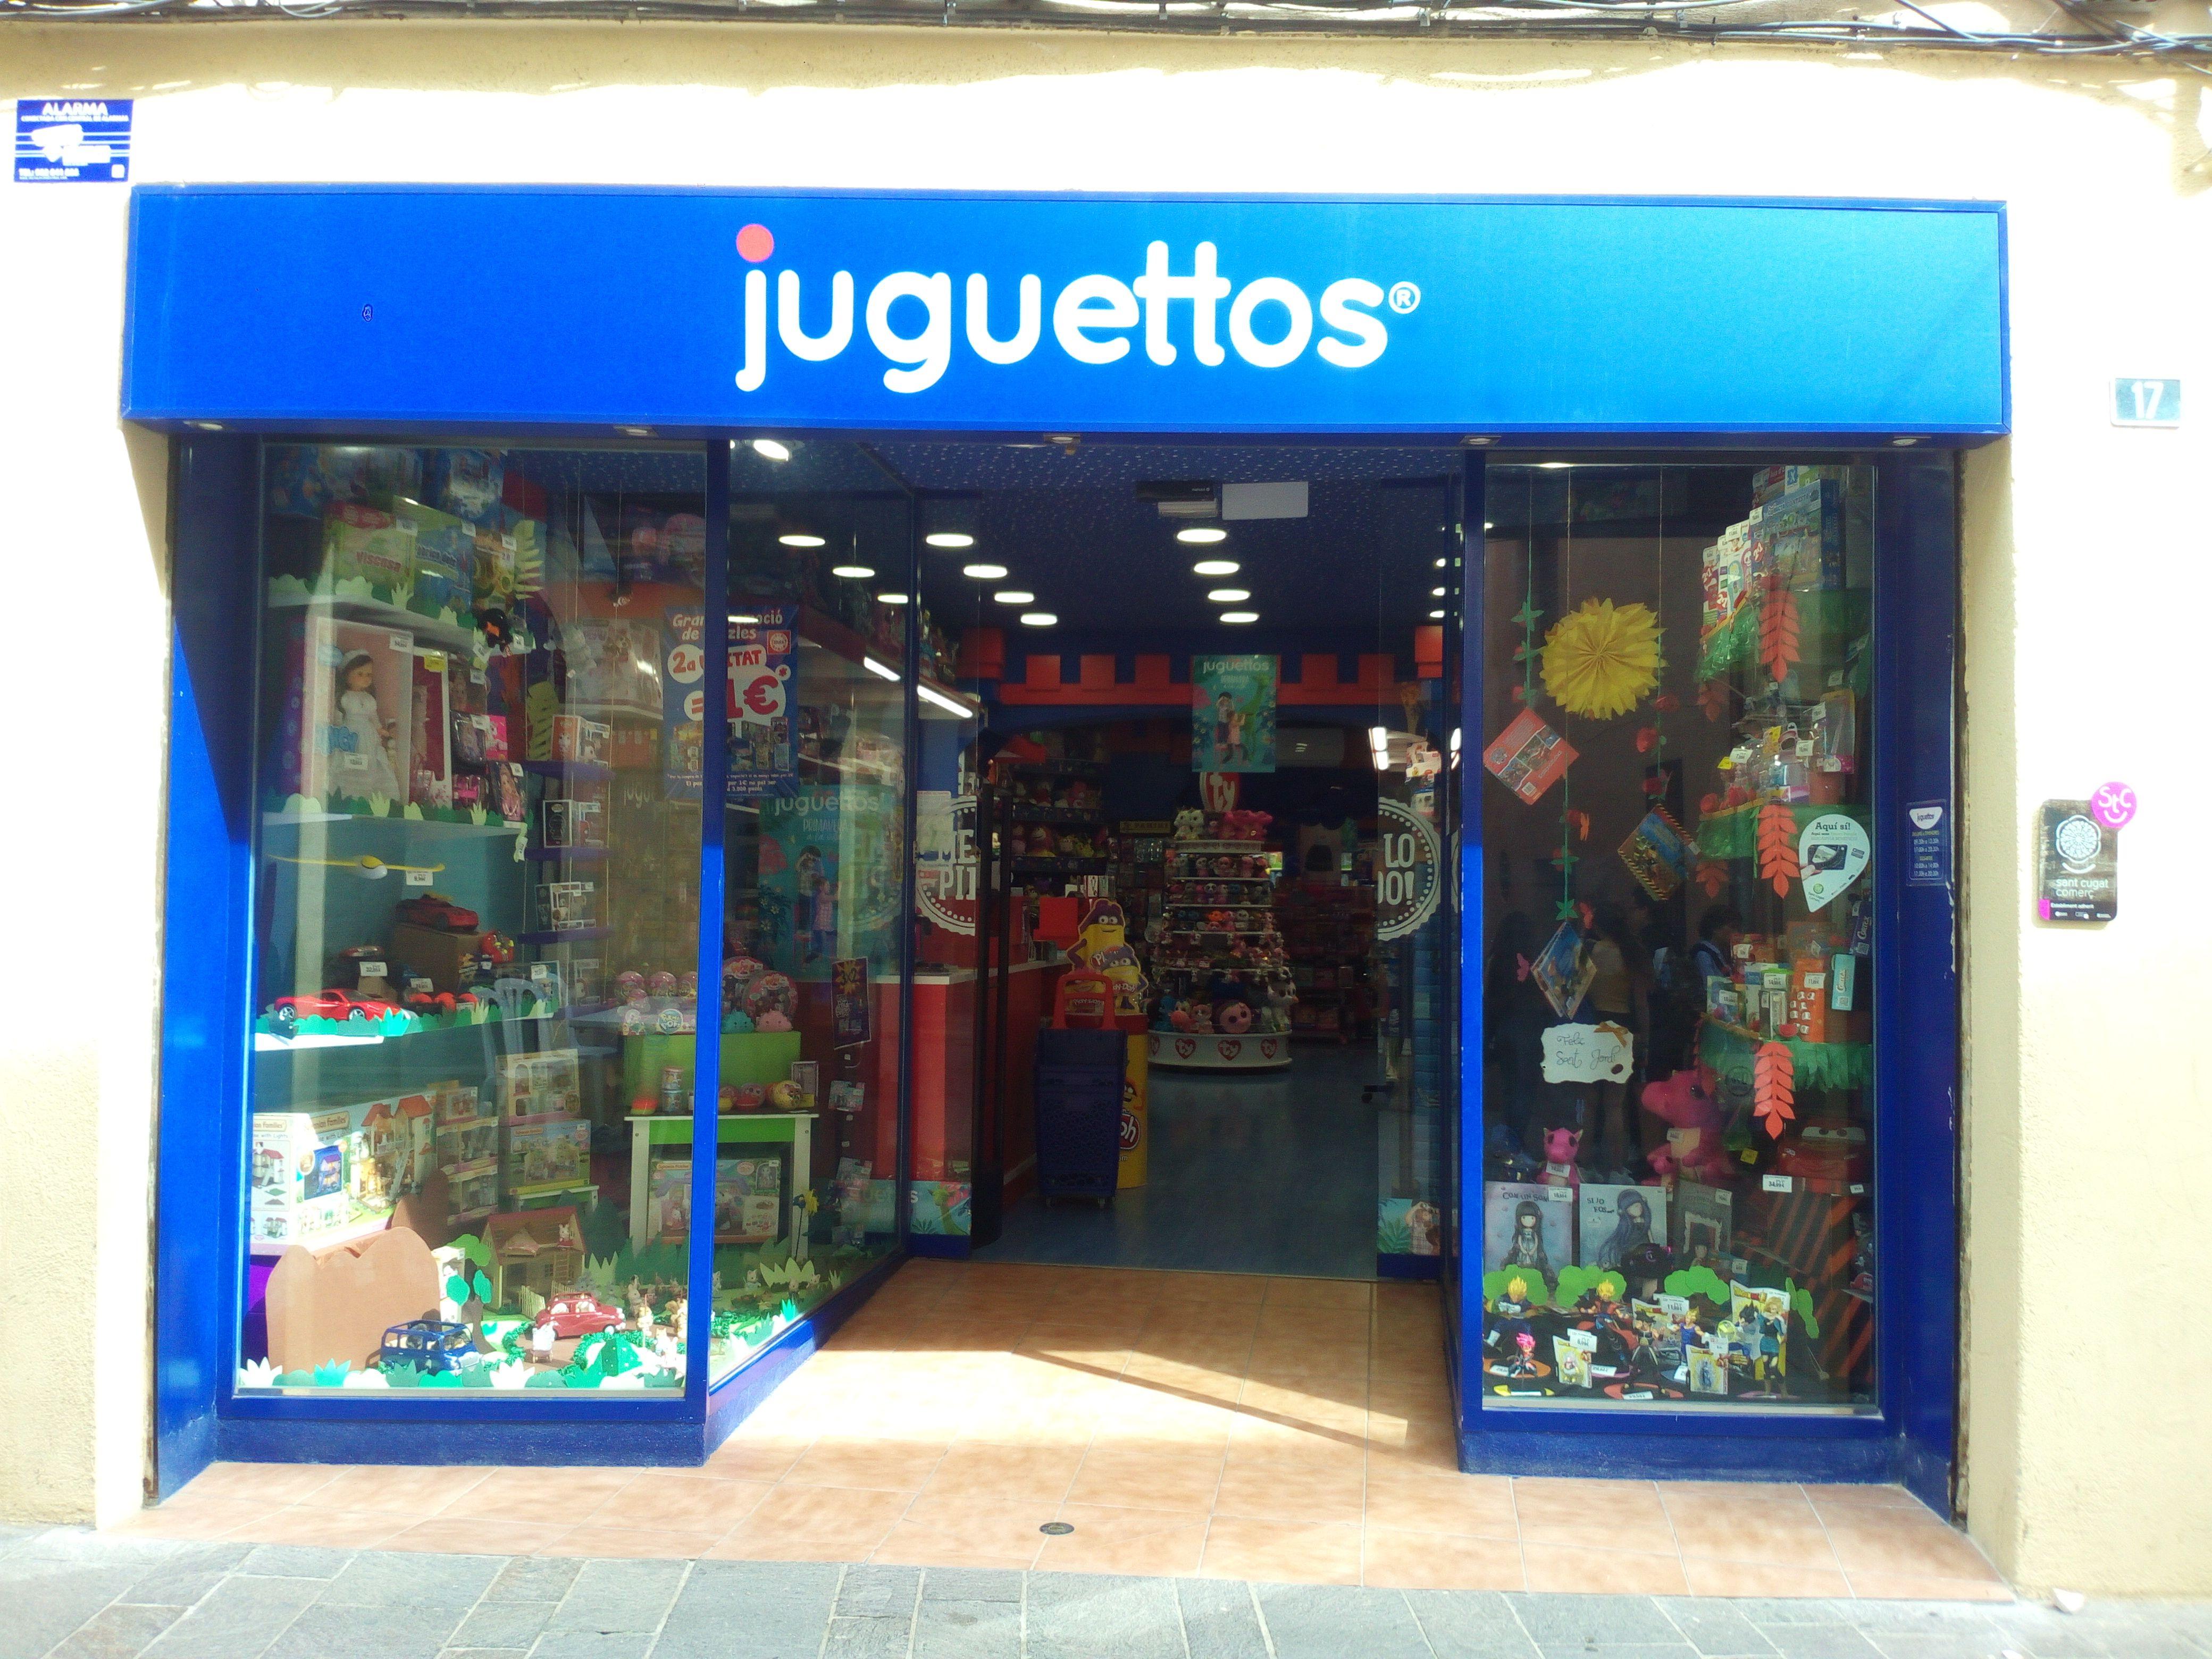 La botiga Juguettos està ubicada al carrer Major, a pocs metres del Monestir. FOTO: Cedida